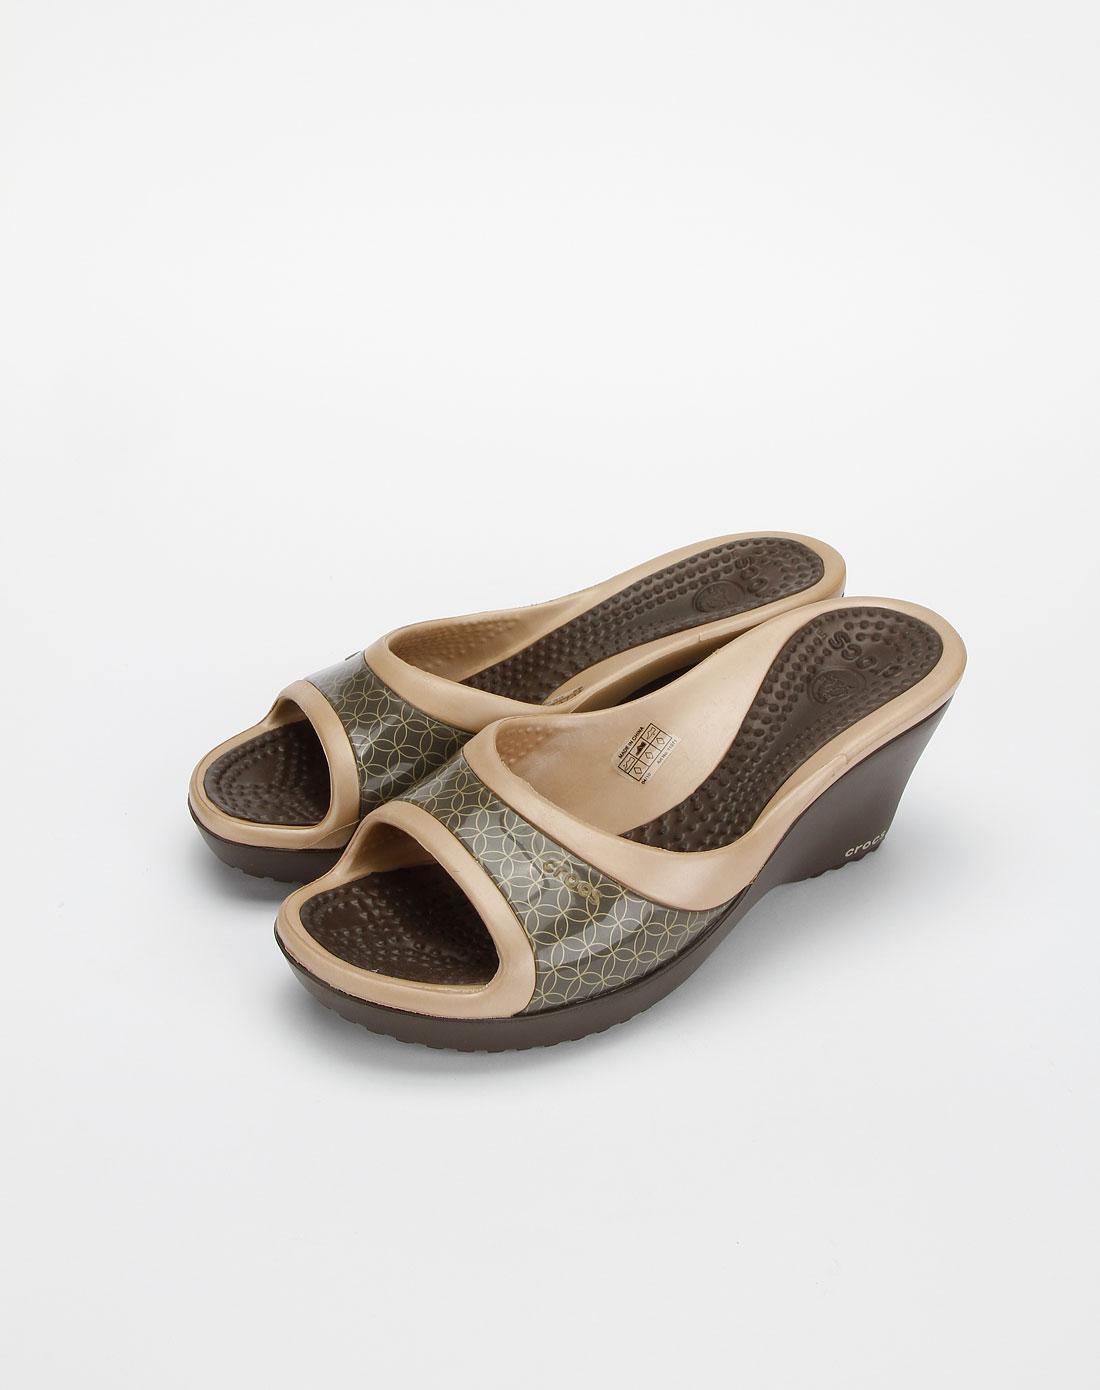 卡骆驰crocs女款咖啡色莎妮休闲女鞋